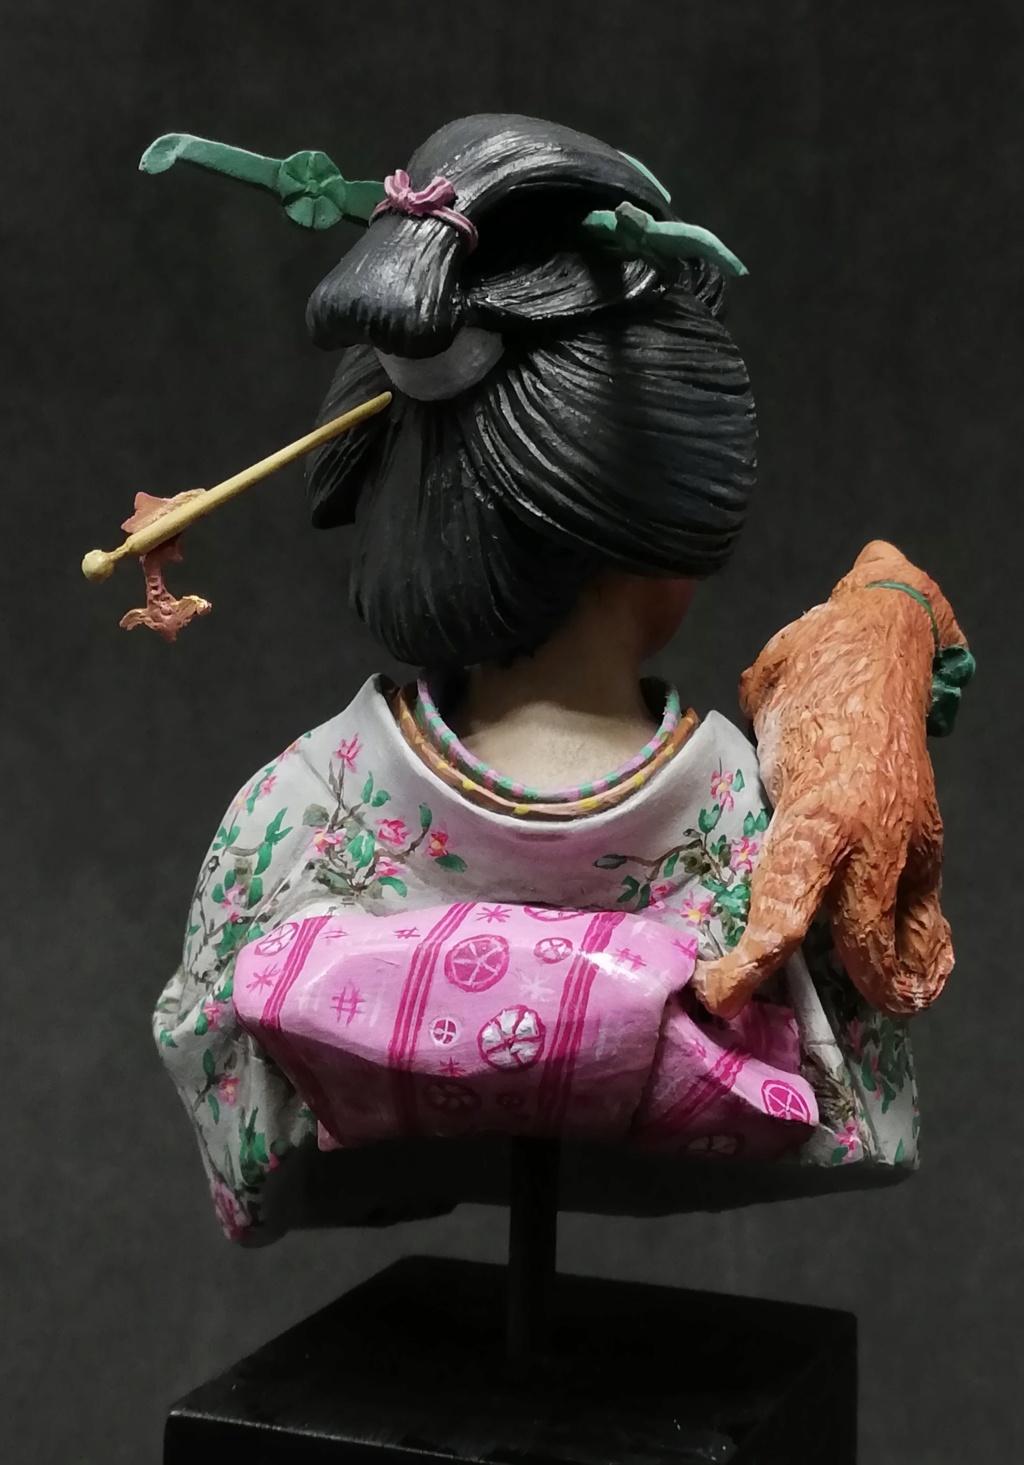 Buste de Geisha terminée - Dernières photos - Page 2 Geisha41